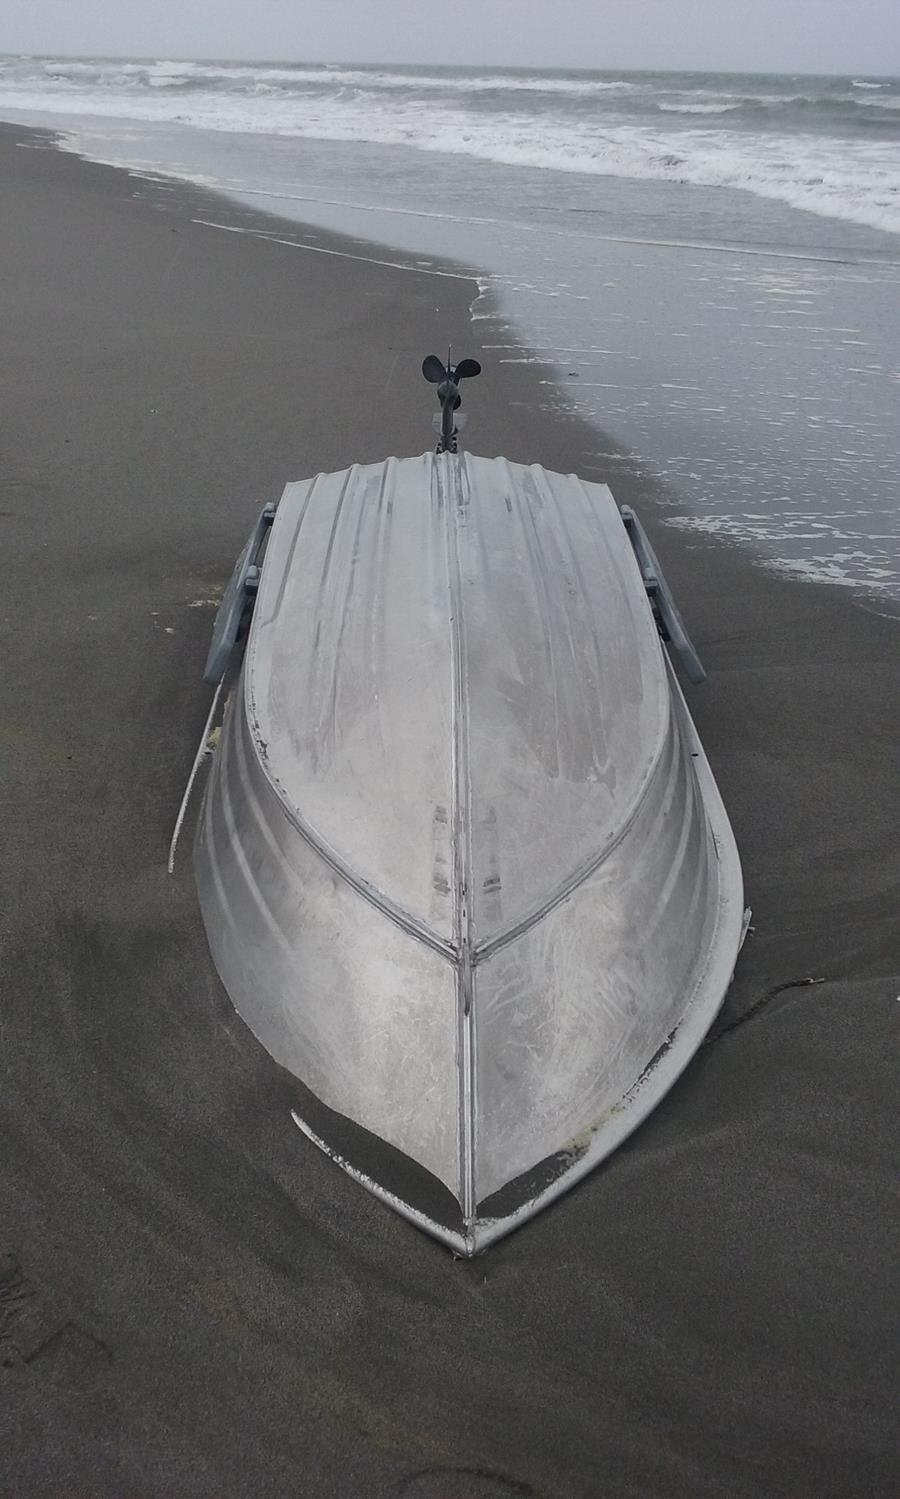 Vessel flips on Whakatane bar